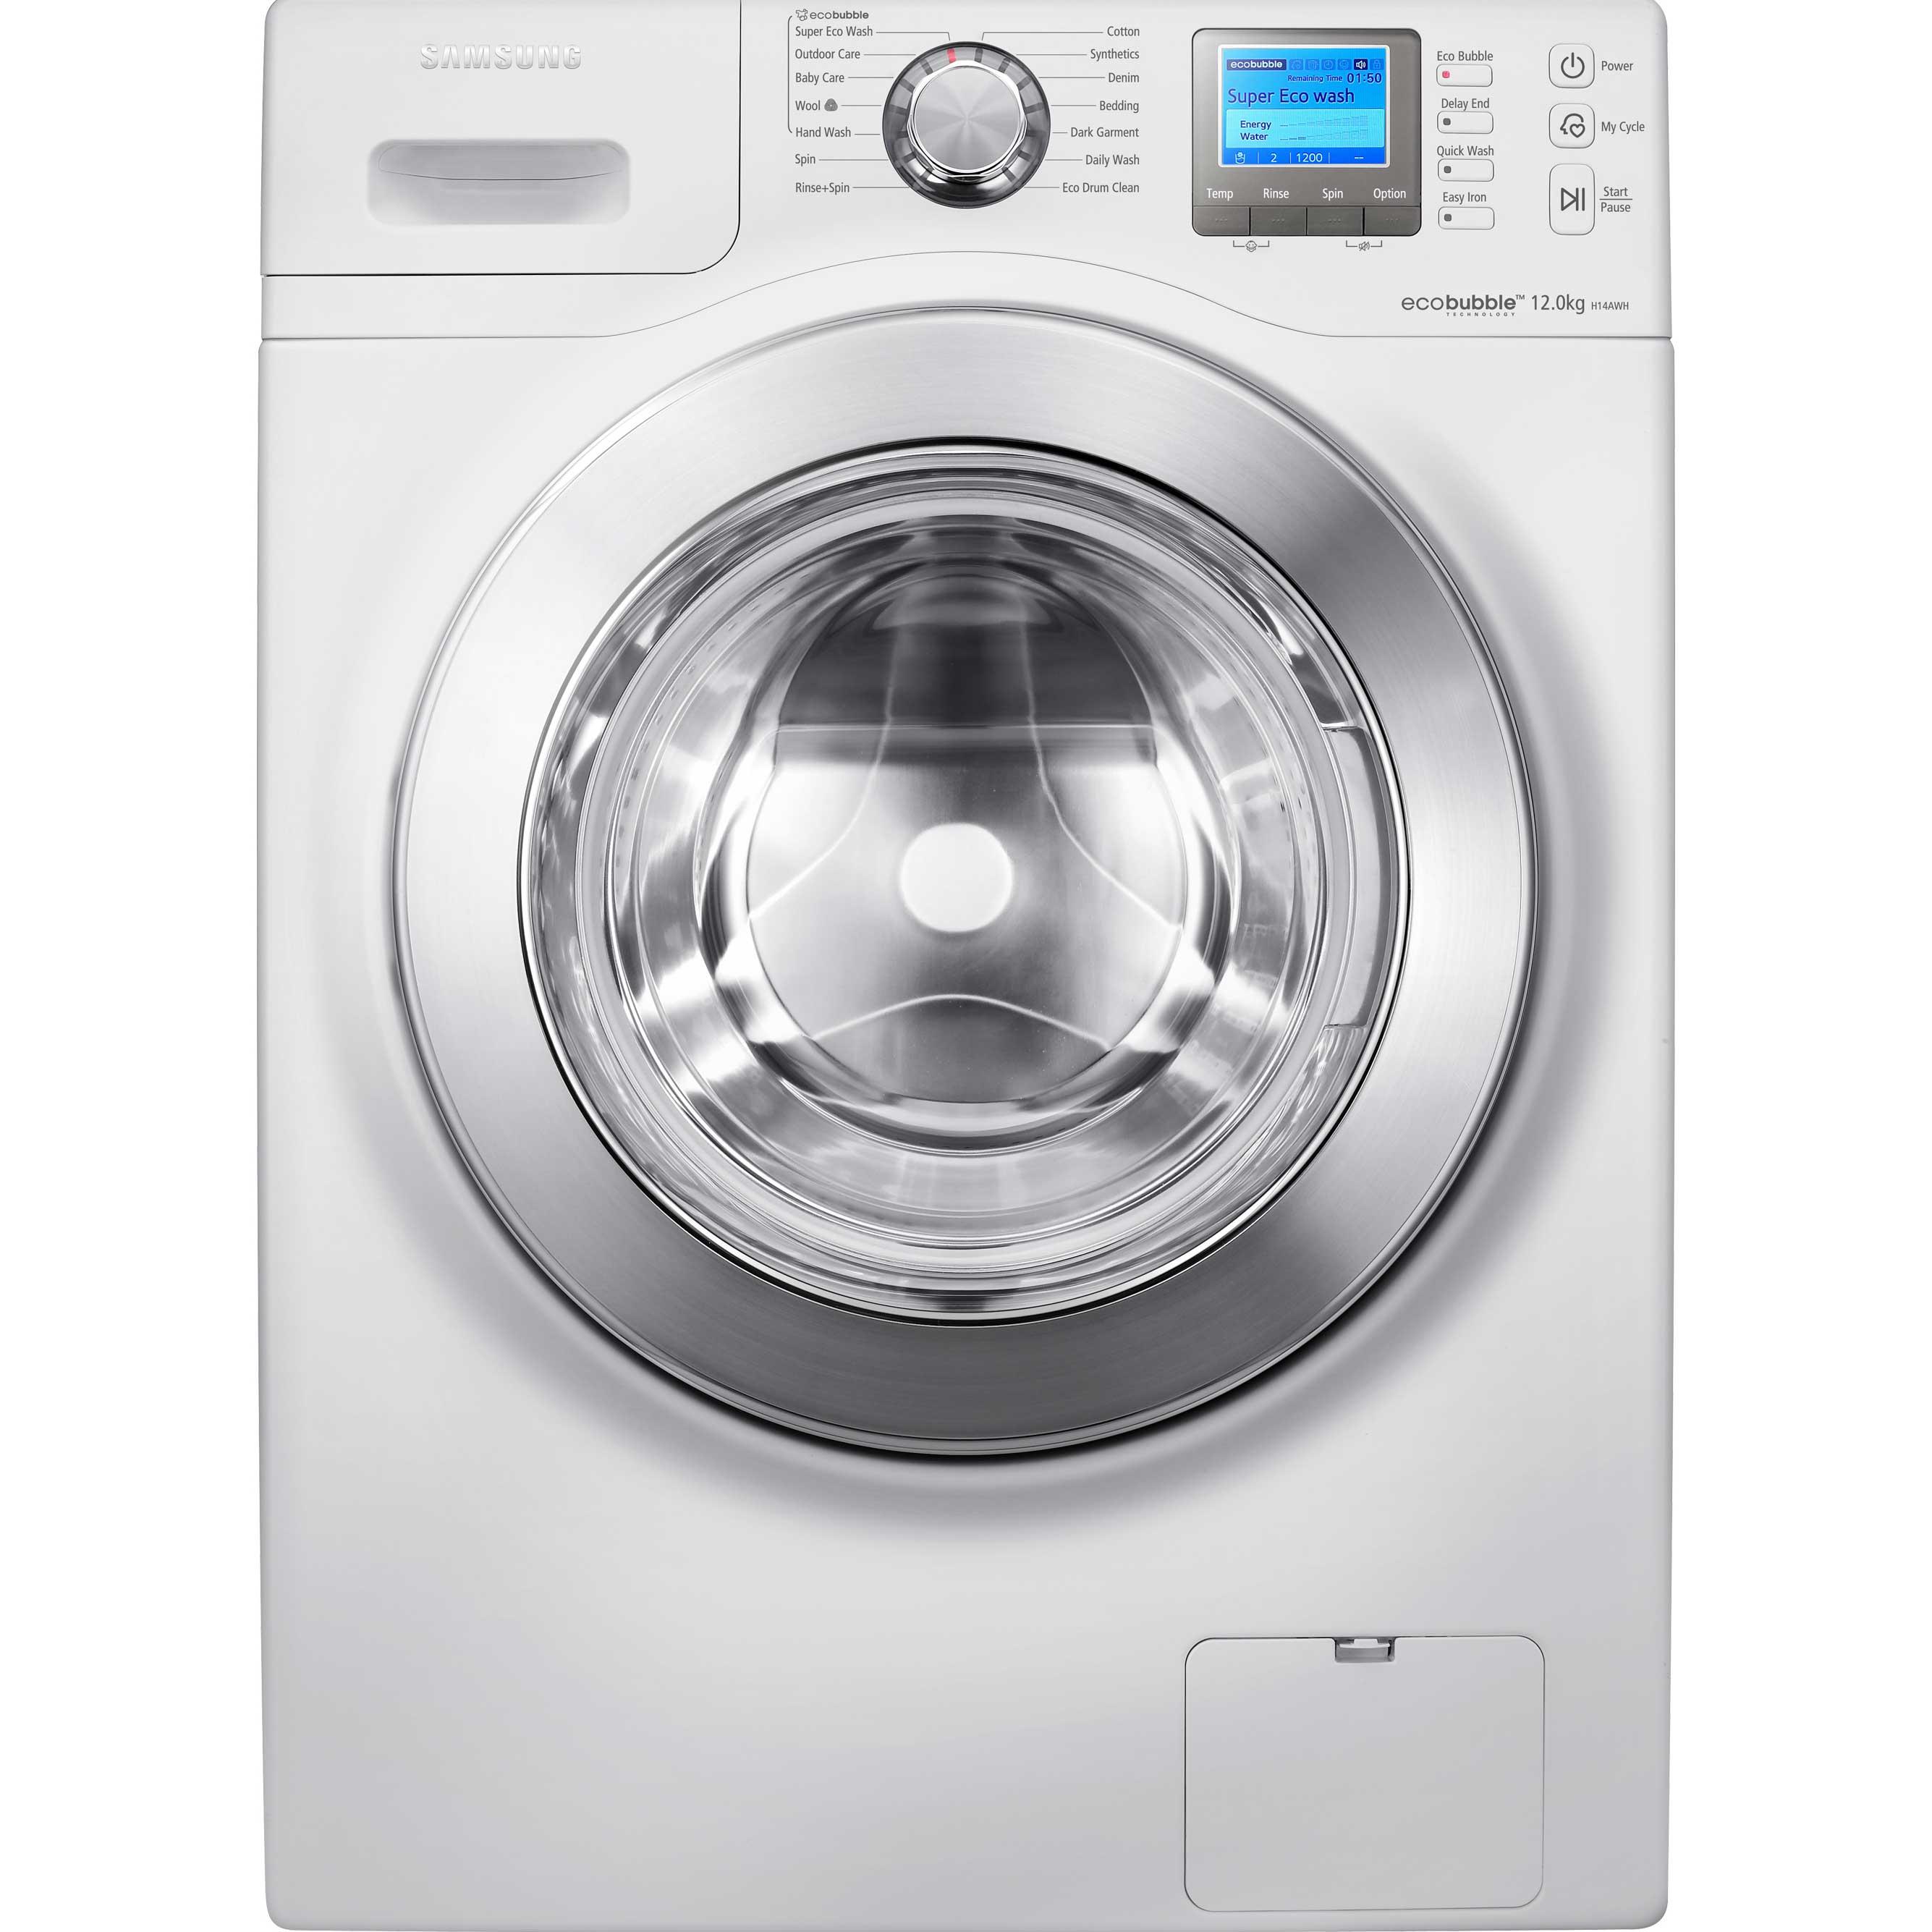 نکاتی برای استفاده صحیح از ماشین لباسشویی